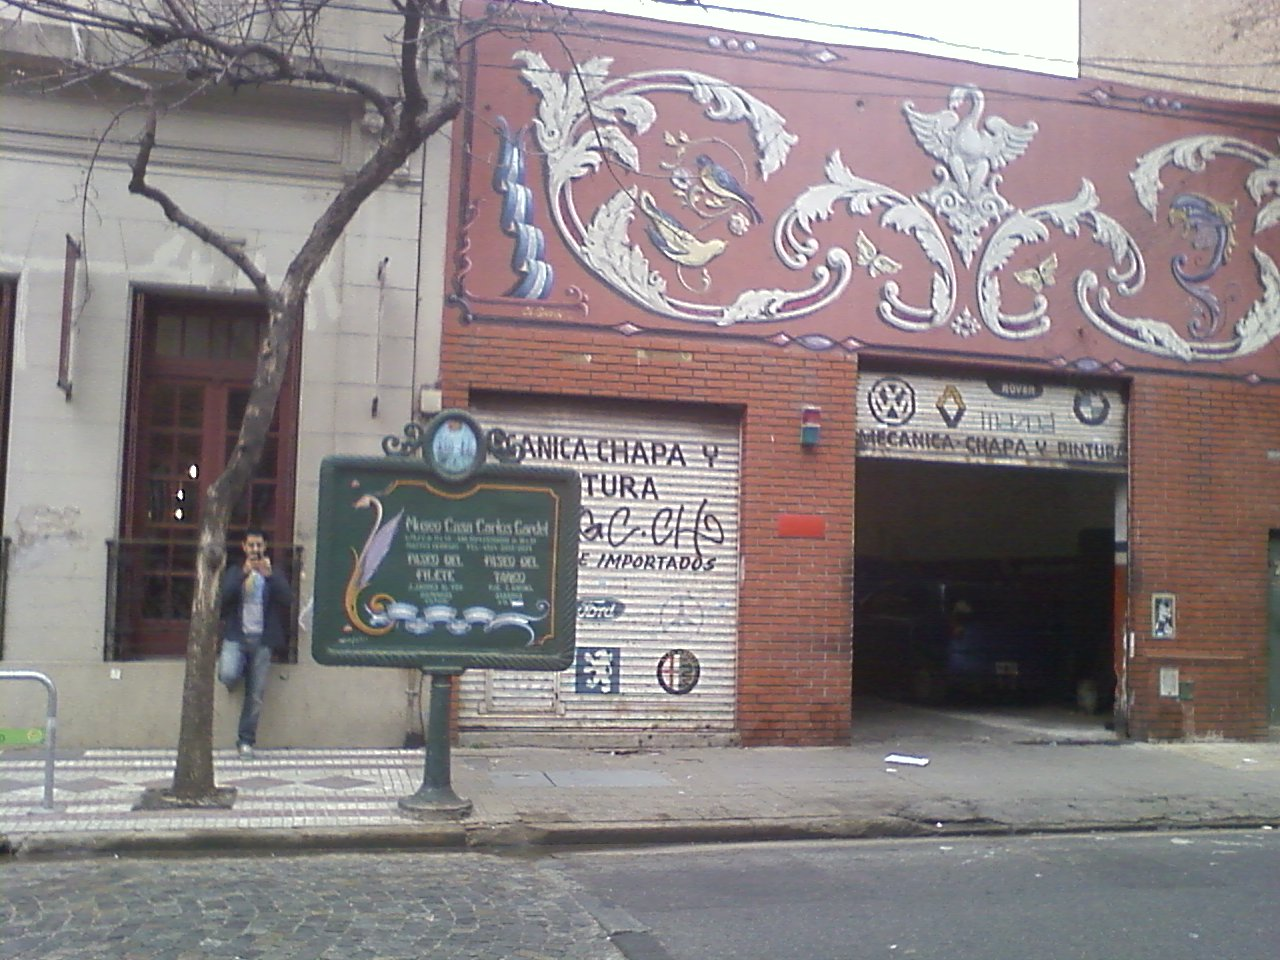 גרפיטי על קיר ביתו של גרדל